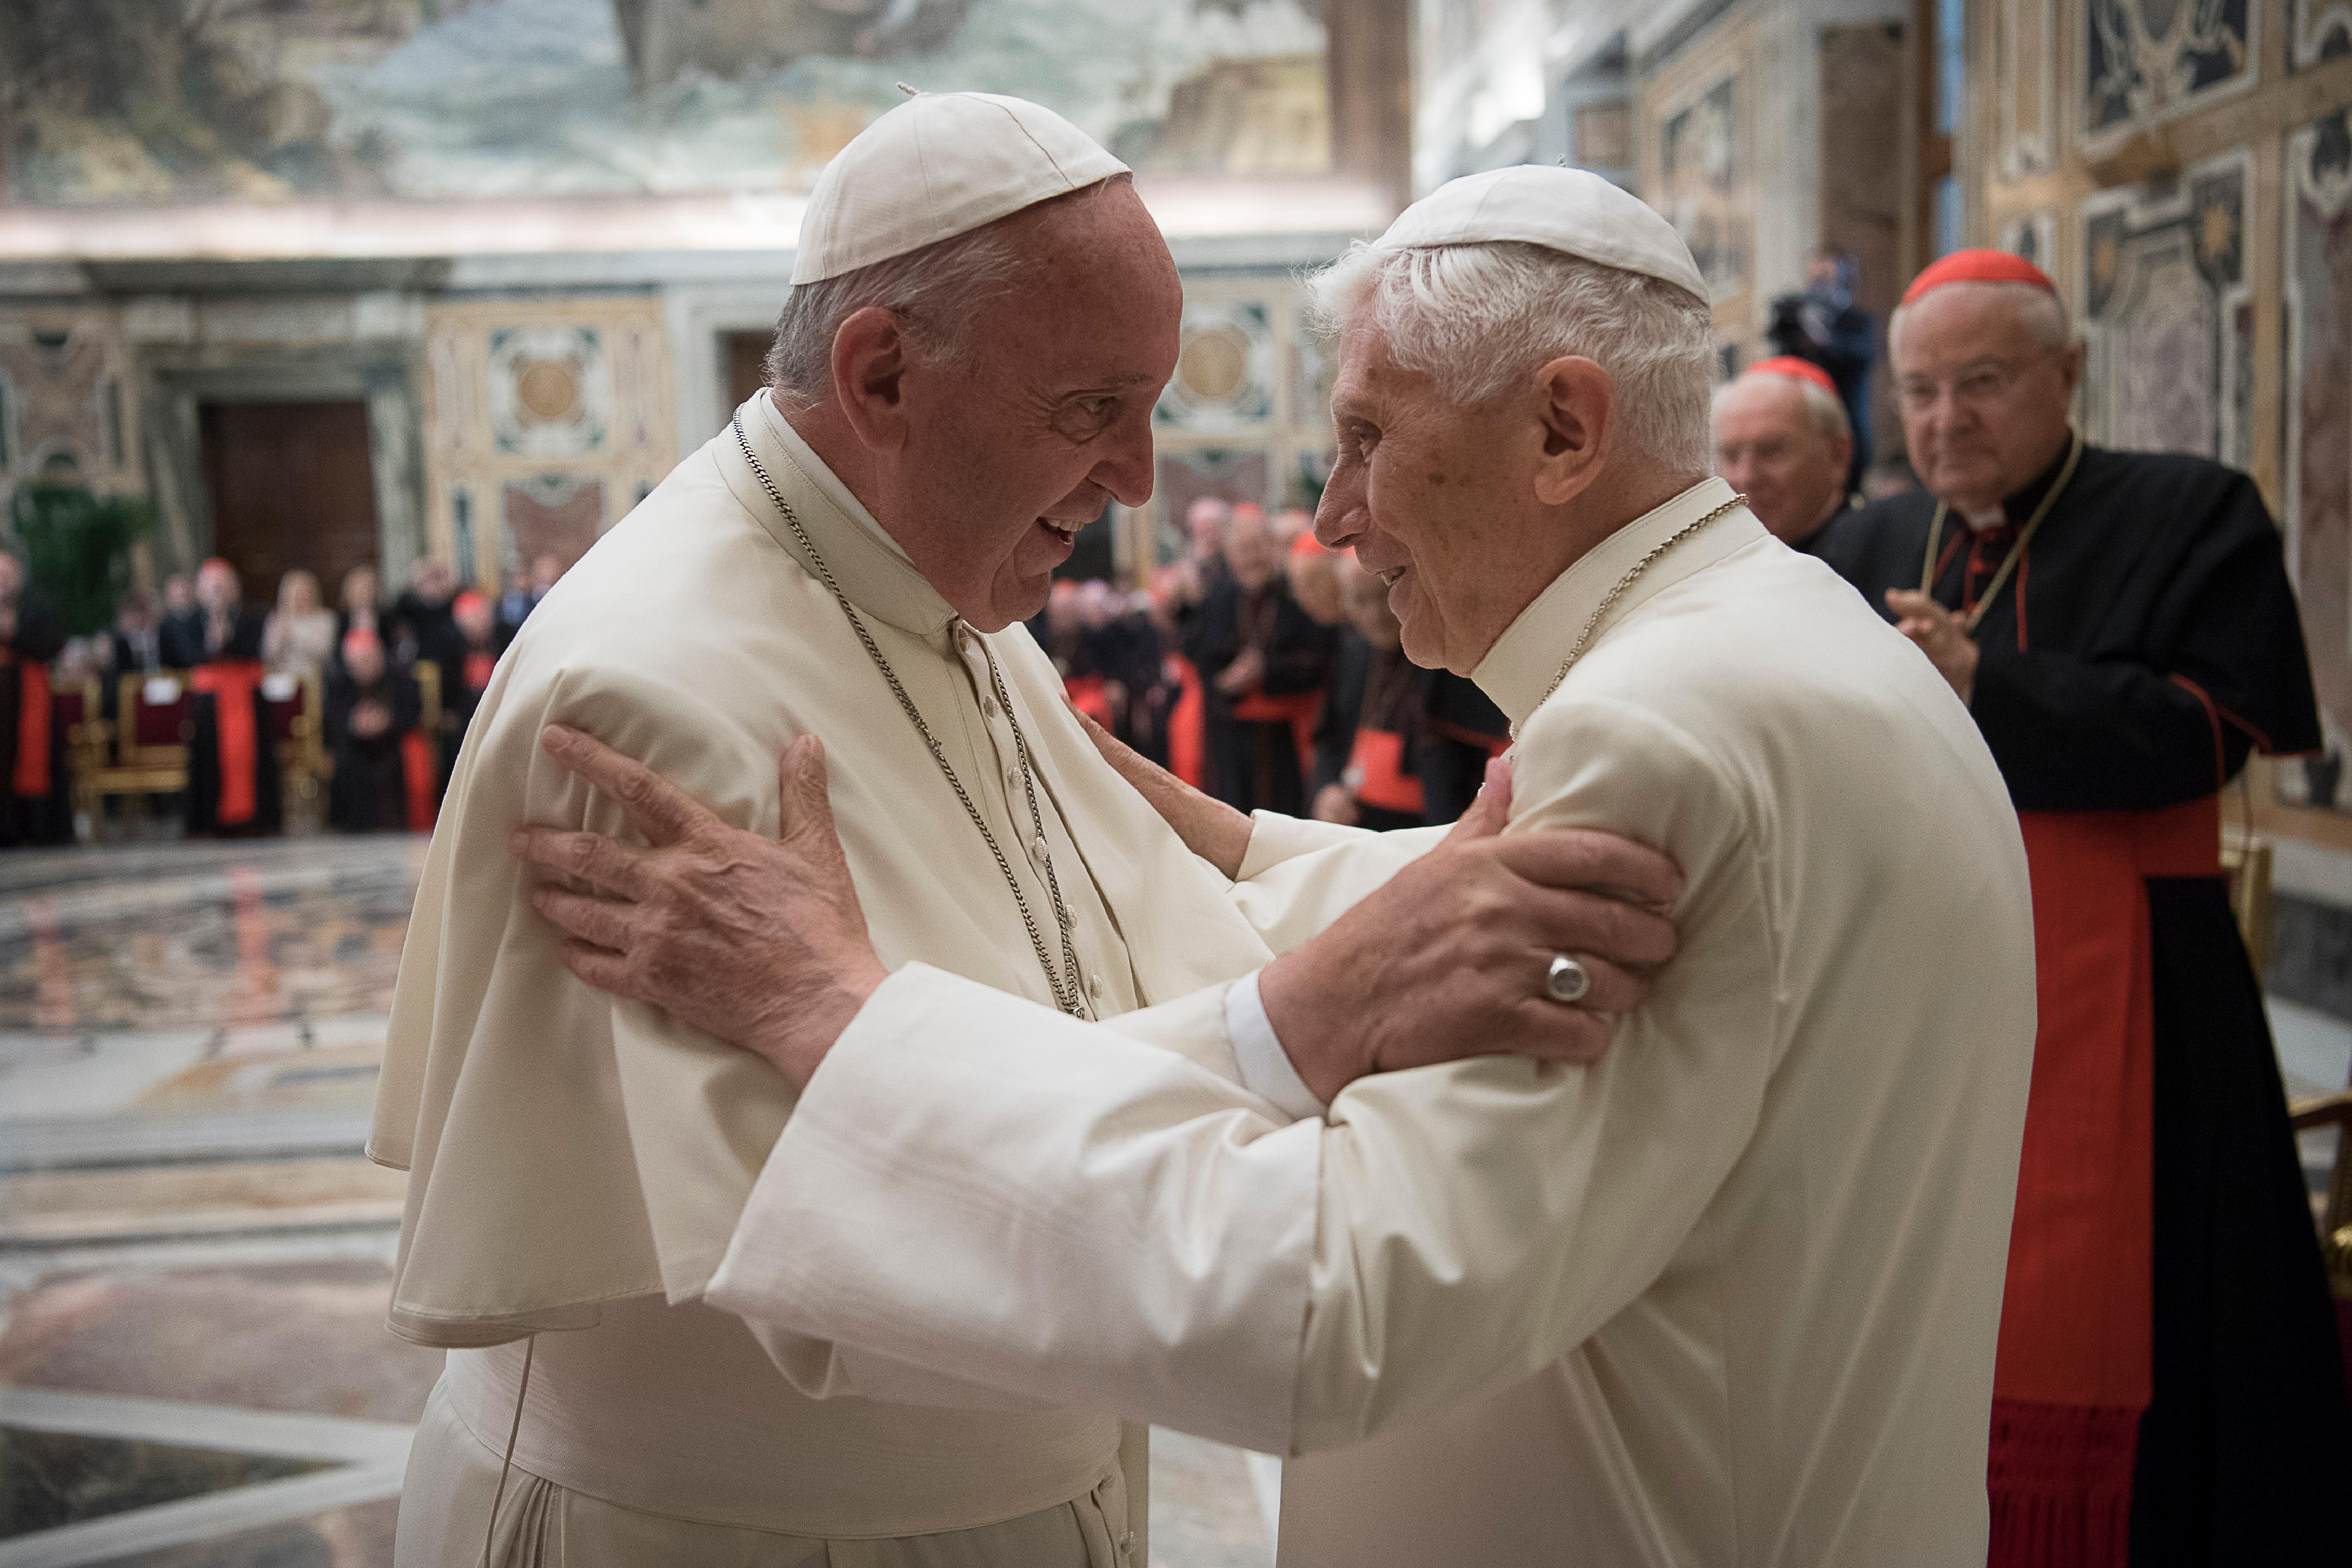 El papa Francisco y Benedicto XVI - (Foto © Osservatore Romano)